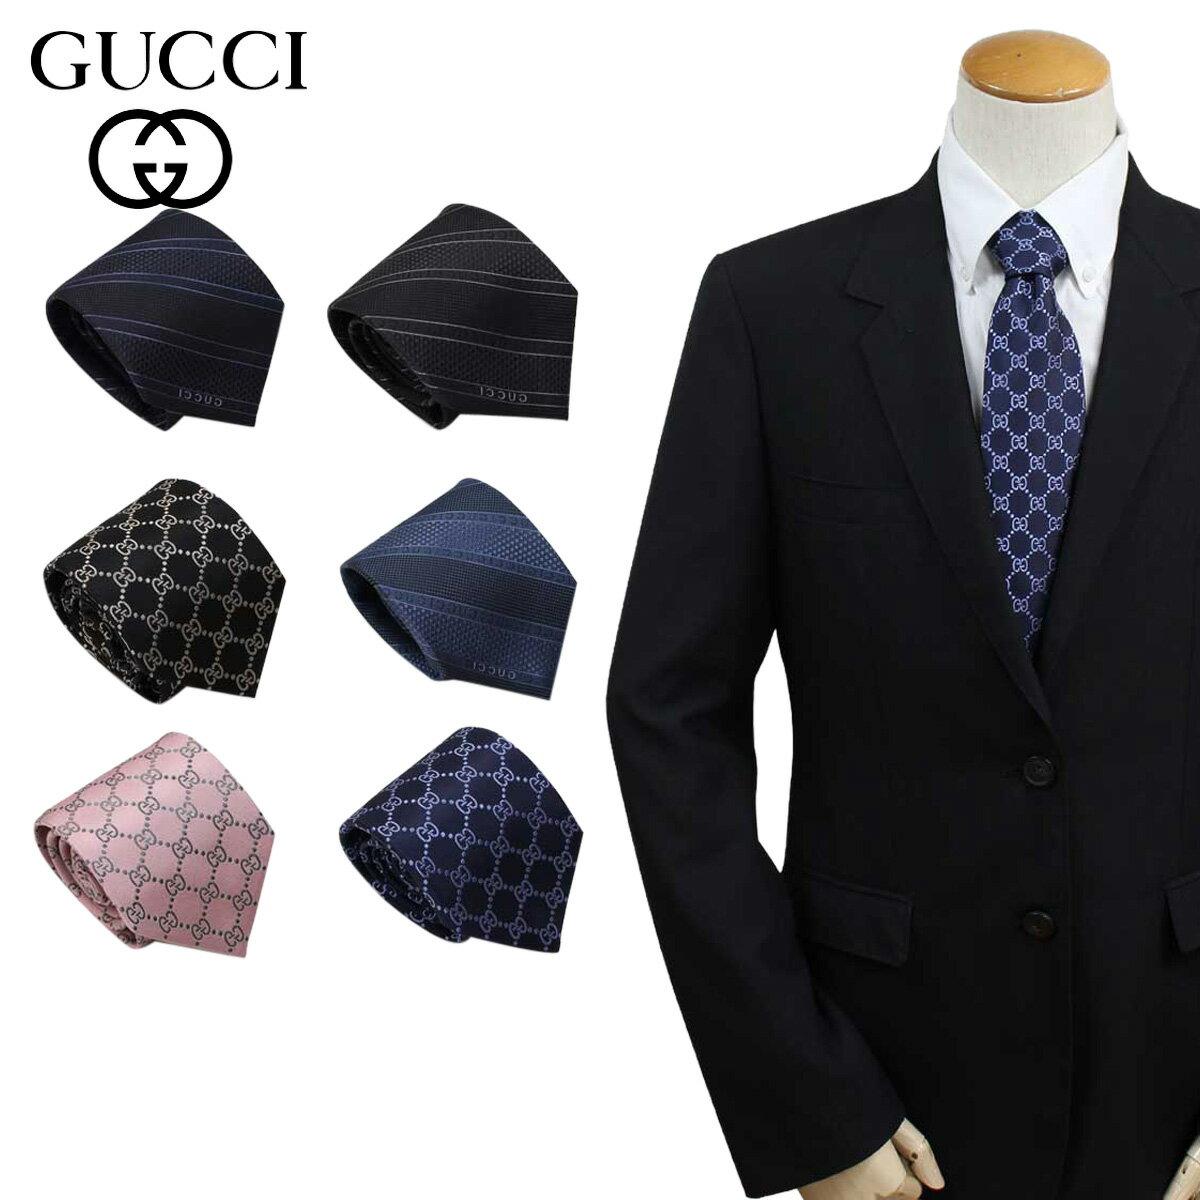 グッチ GUCCI ネクタイ イタリア製 シルク ビジネス 結婚式 TIE メンズ [4/10 追加入荷]